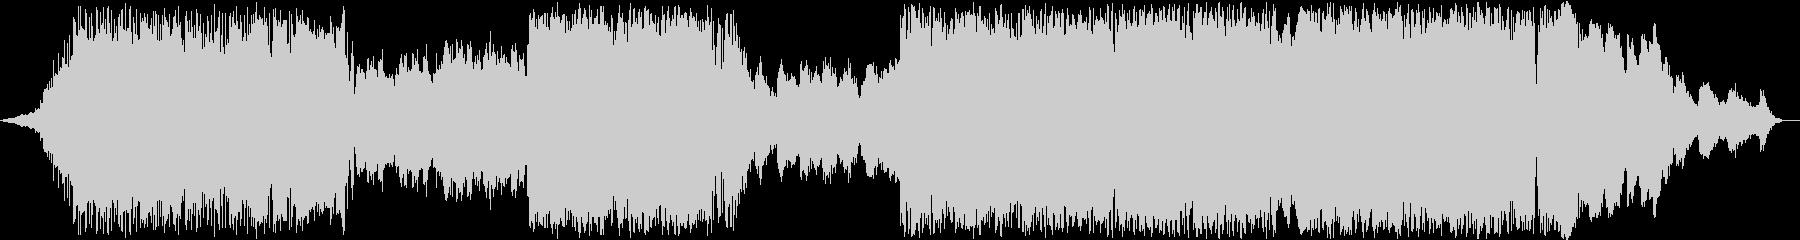 曲調が3回変わるエレクトロニカの未再生の波形